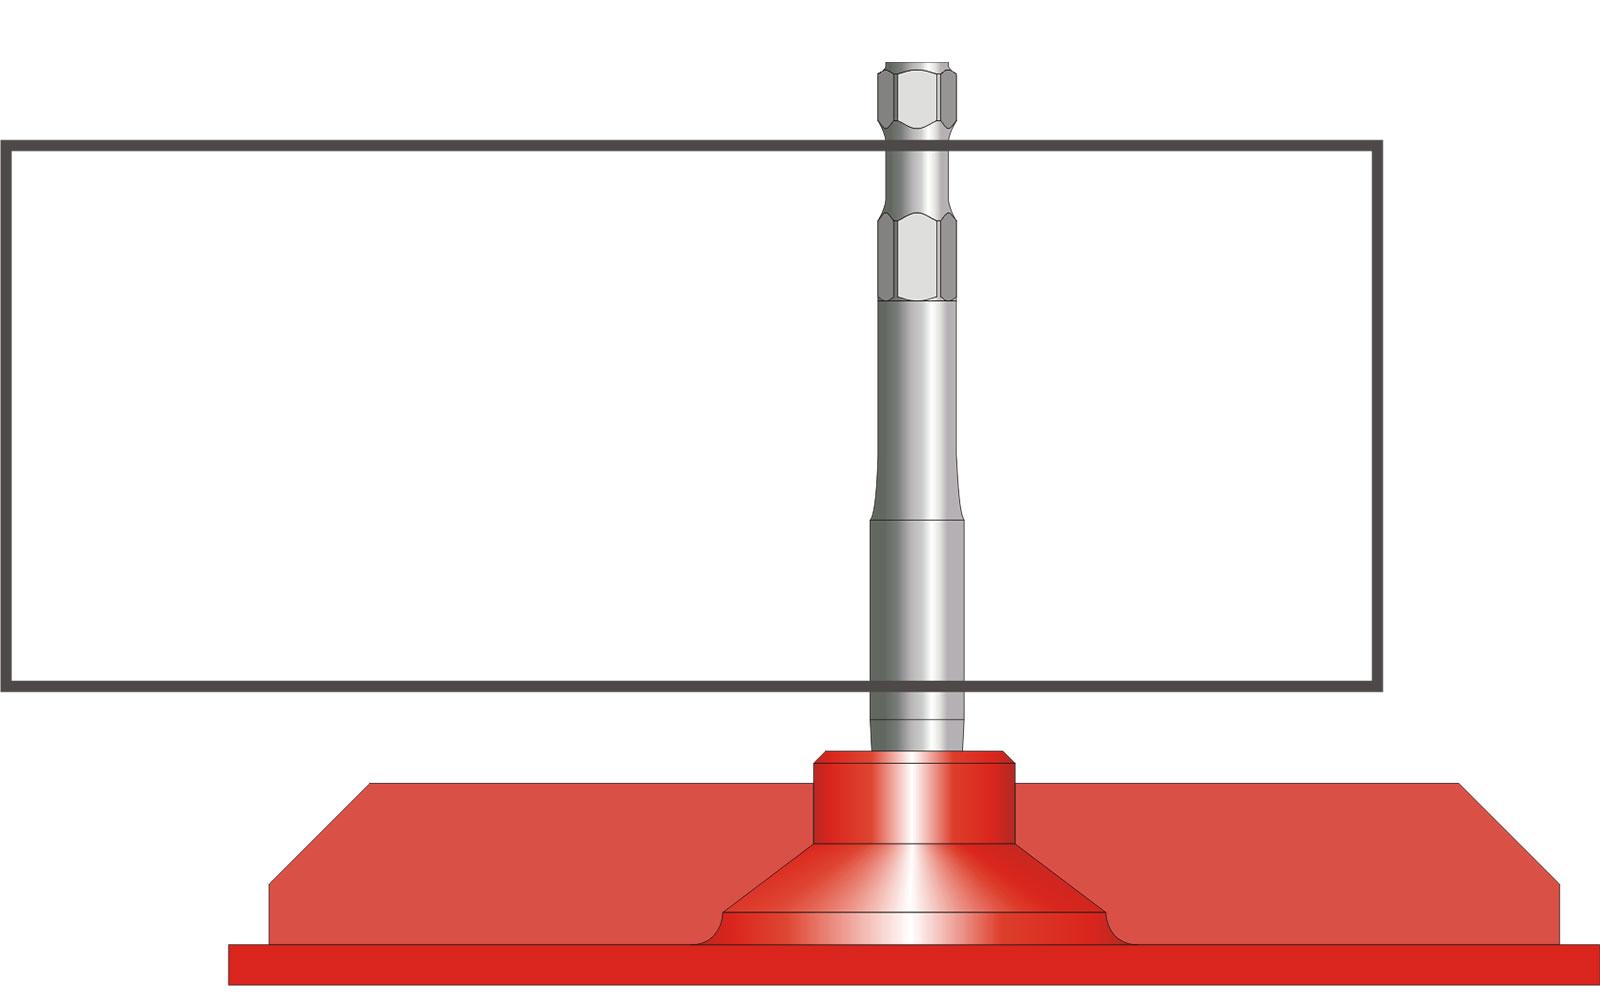 VOGT Verdichterplatte rechteckig 340/120 mm mit Konushalter